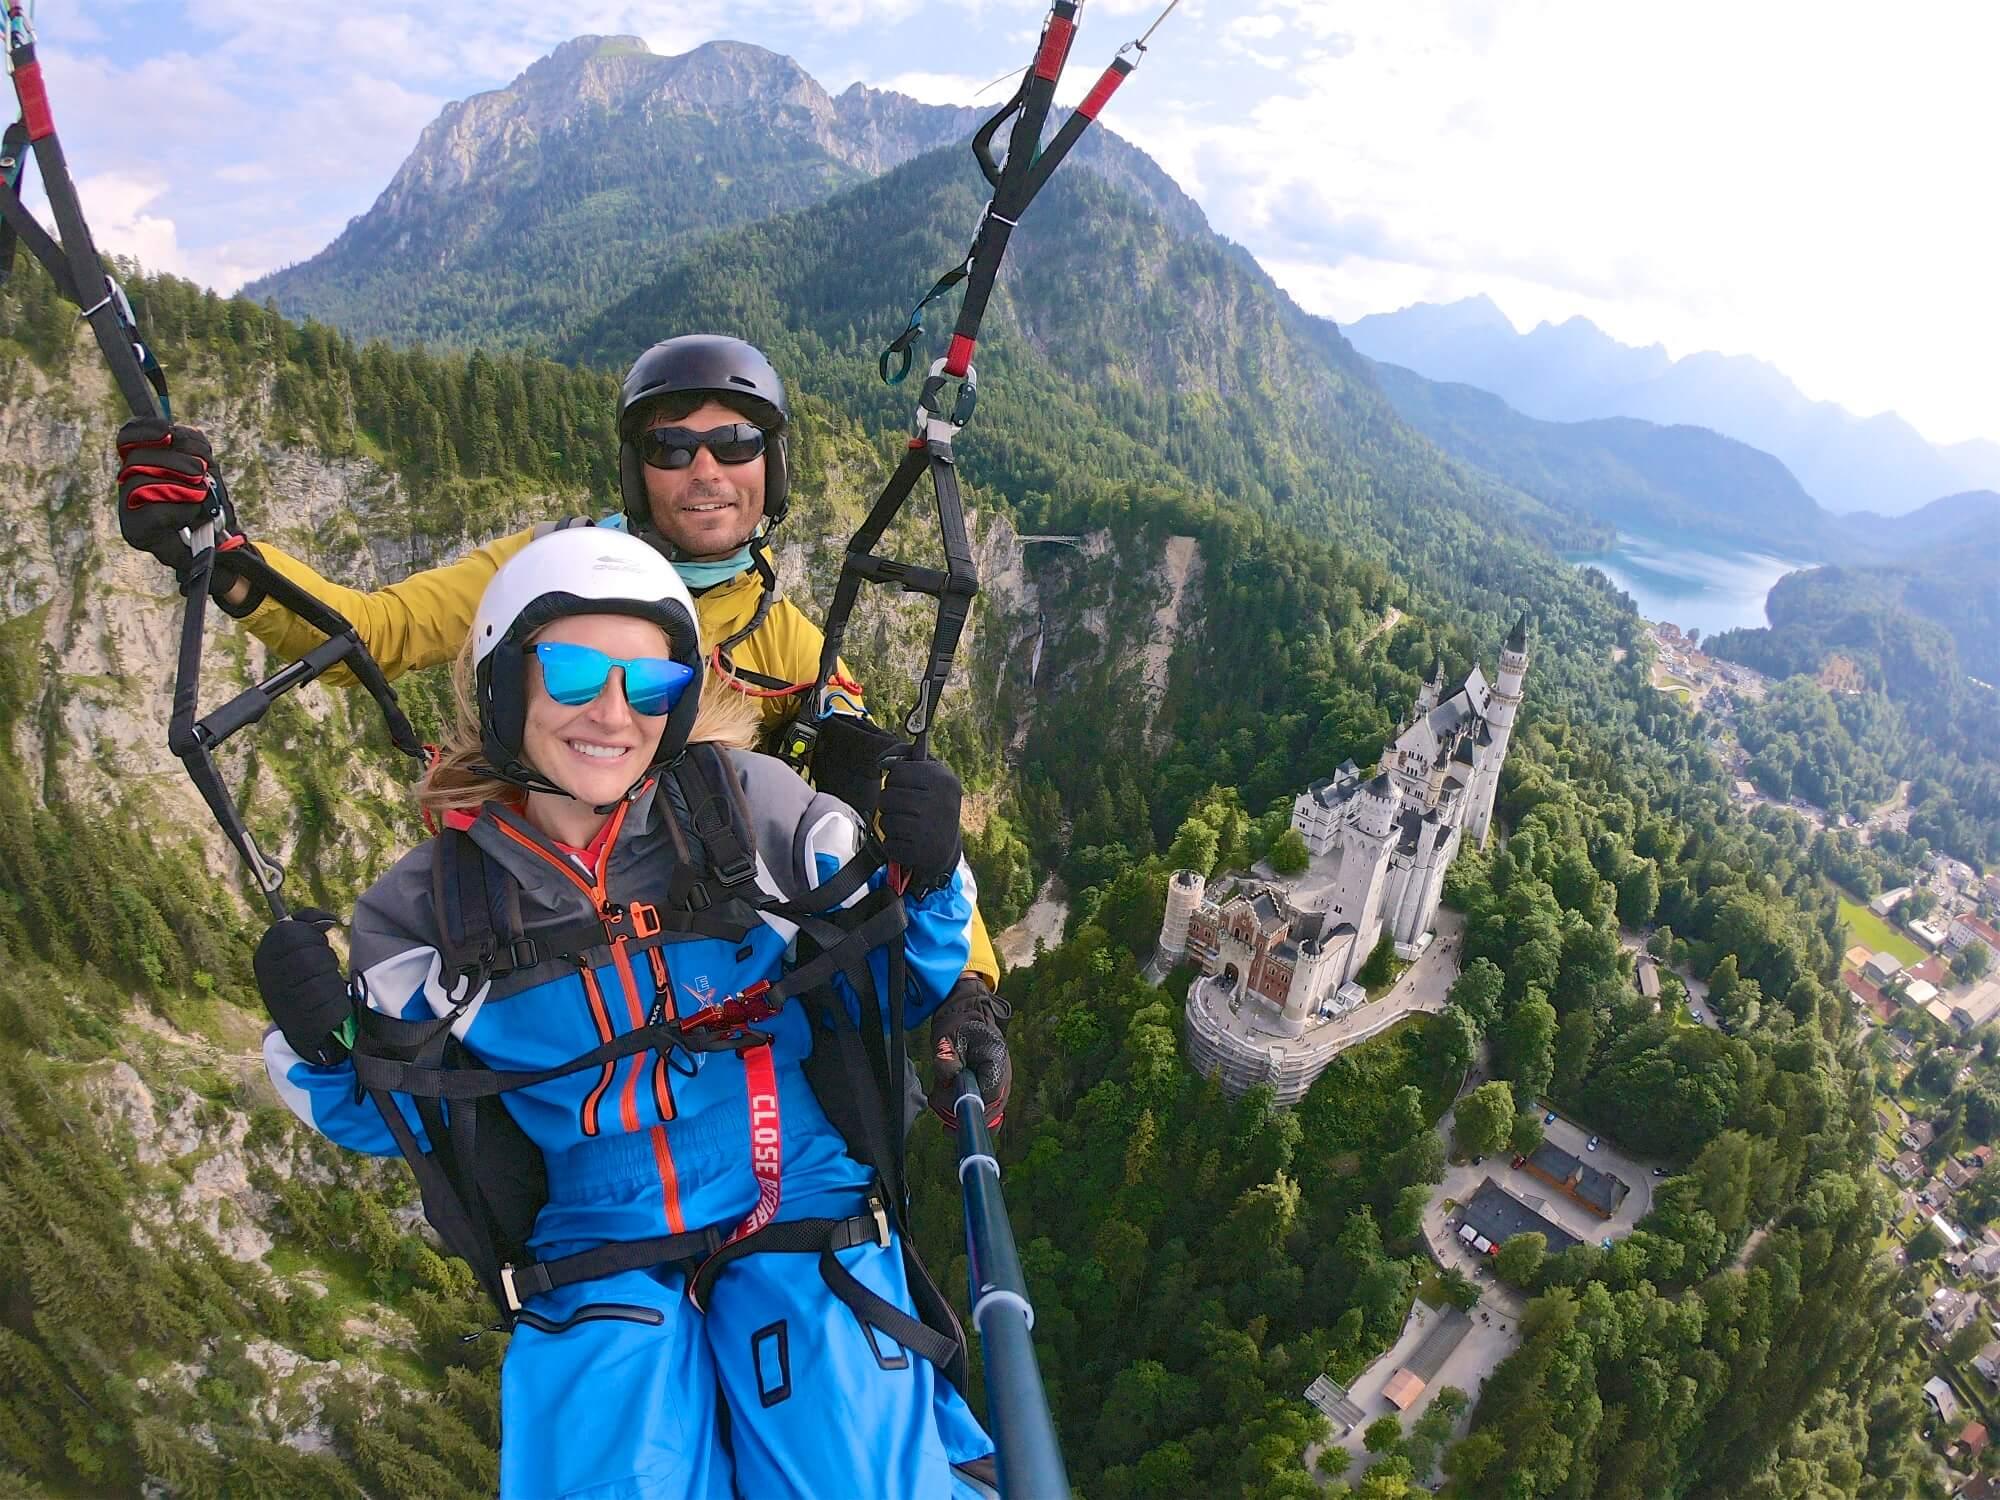 Paragliding over Neuschwanstein Castle